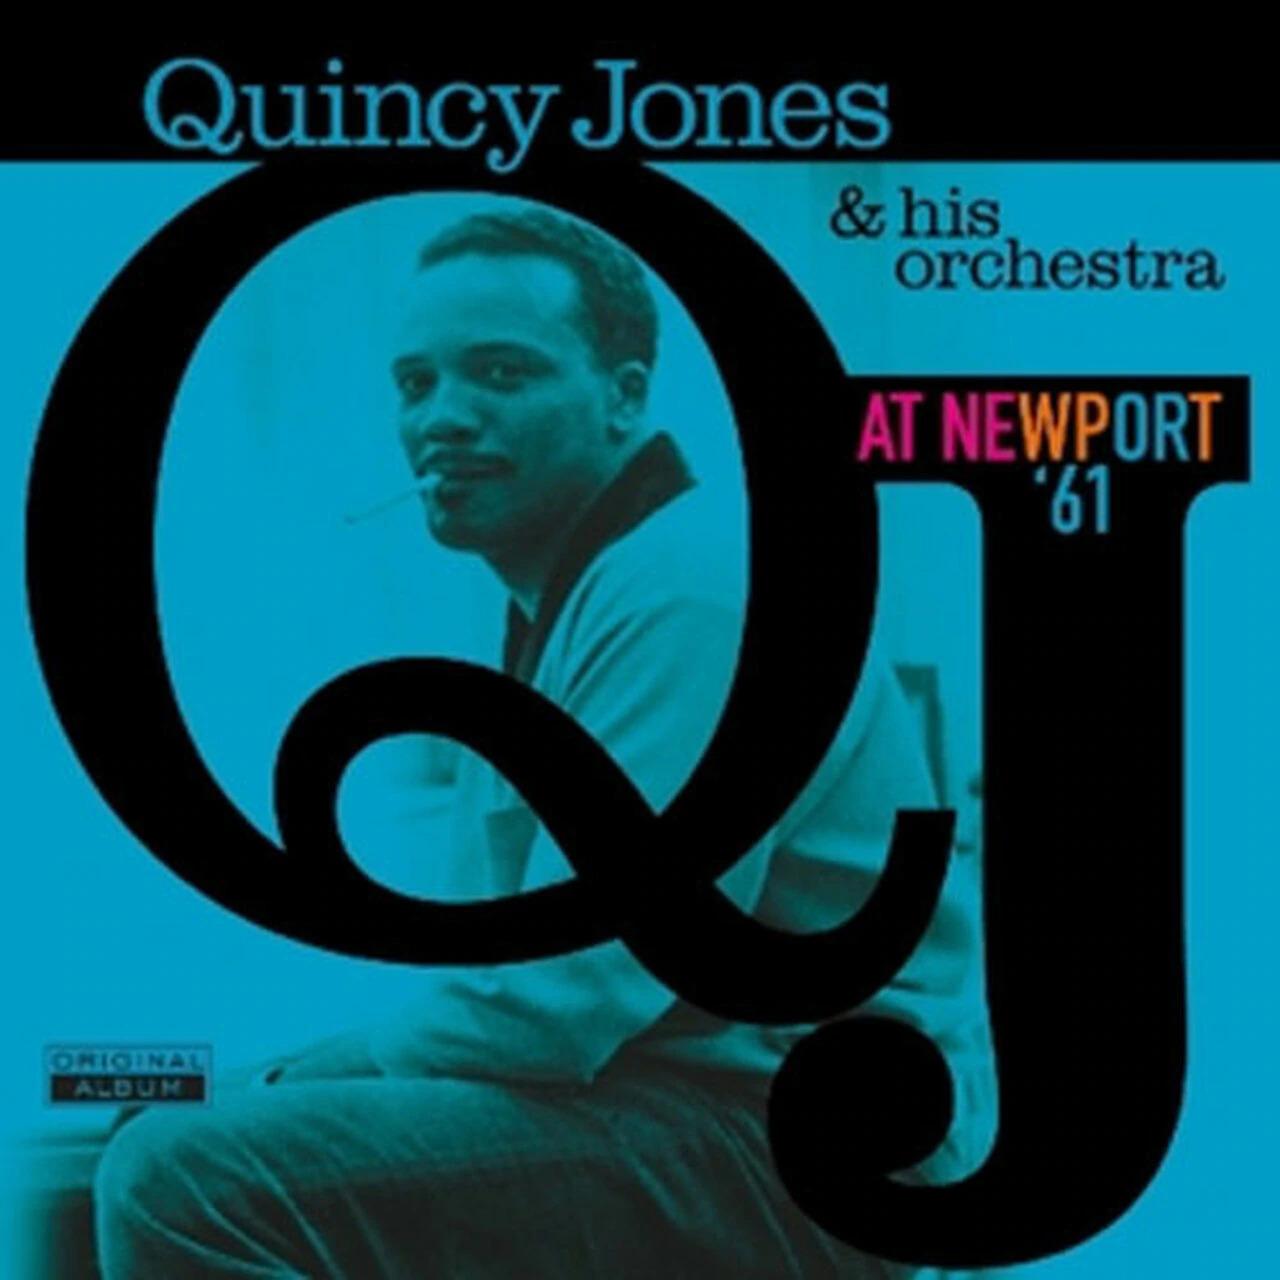 VINYL Quincy Jones At Newport '61 LP